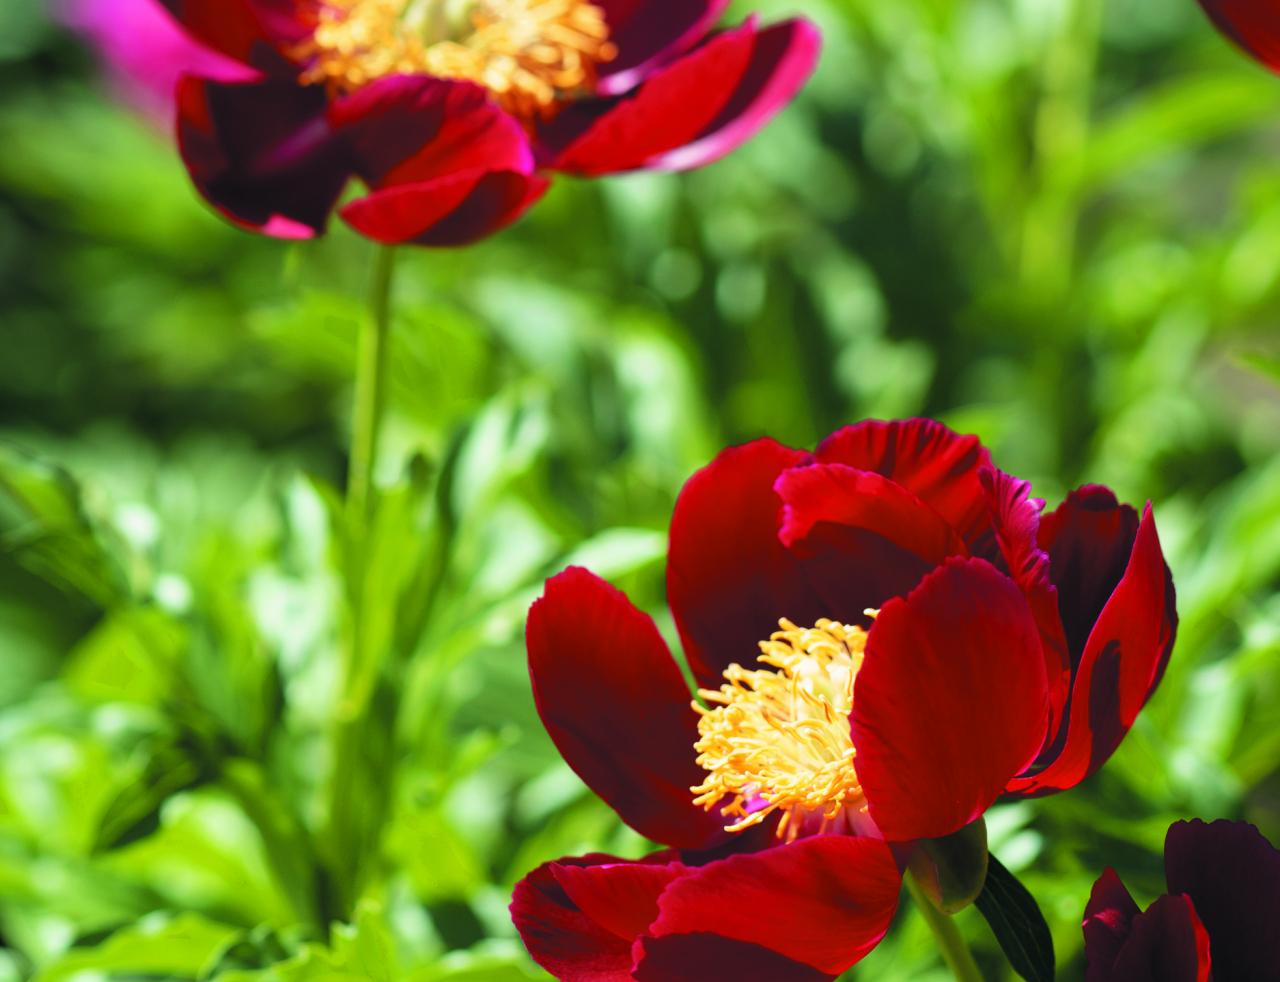 Mahogany. Ziedi vienkārši, sarkankoka krāsā, ar lielu dzeltenu putekšņlapu rozeti. Agrīna šķirne ar saldenu smaržu. Gari, stingri ziedneši ar īpatnēji šķeltām lapām.